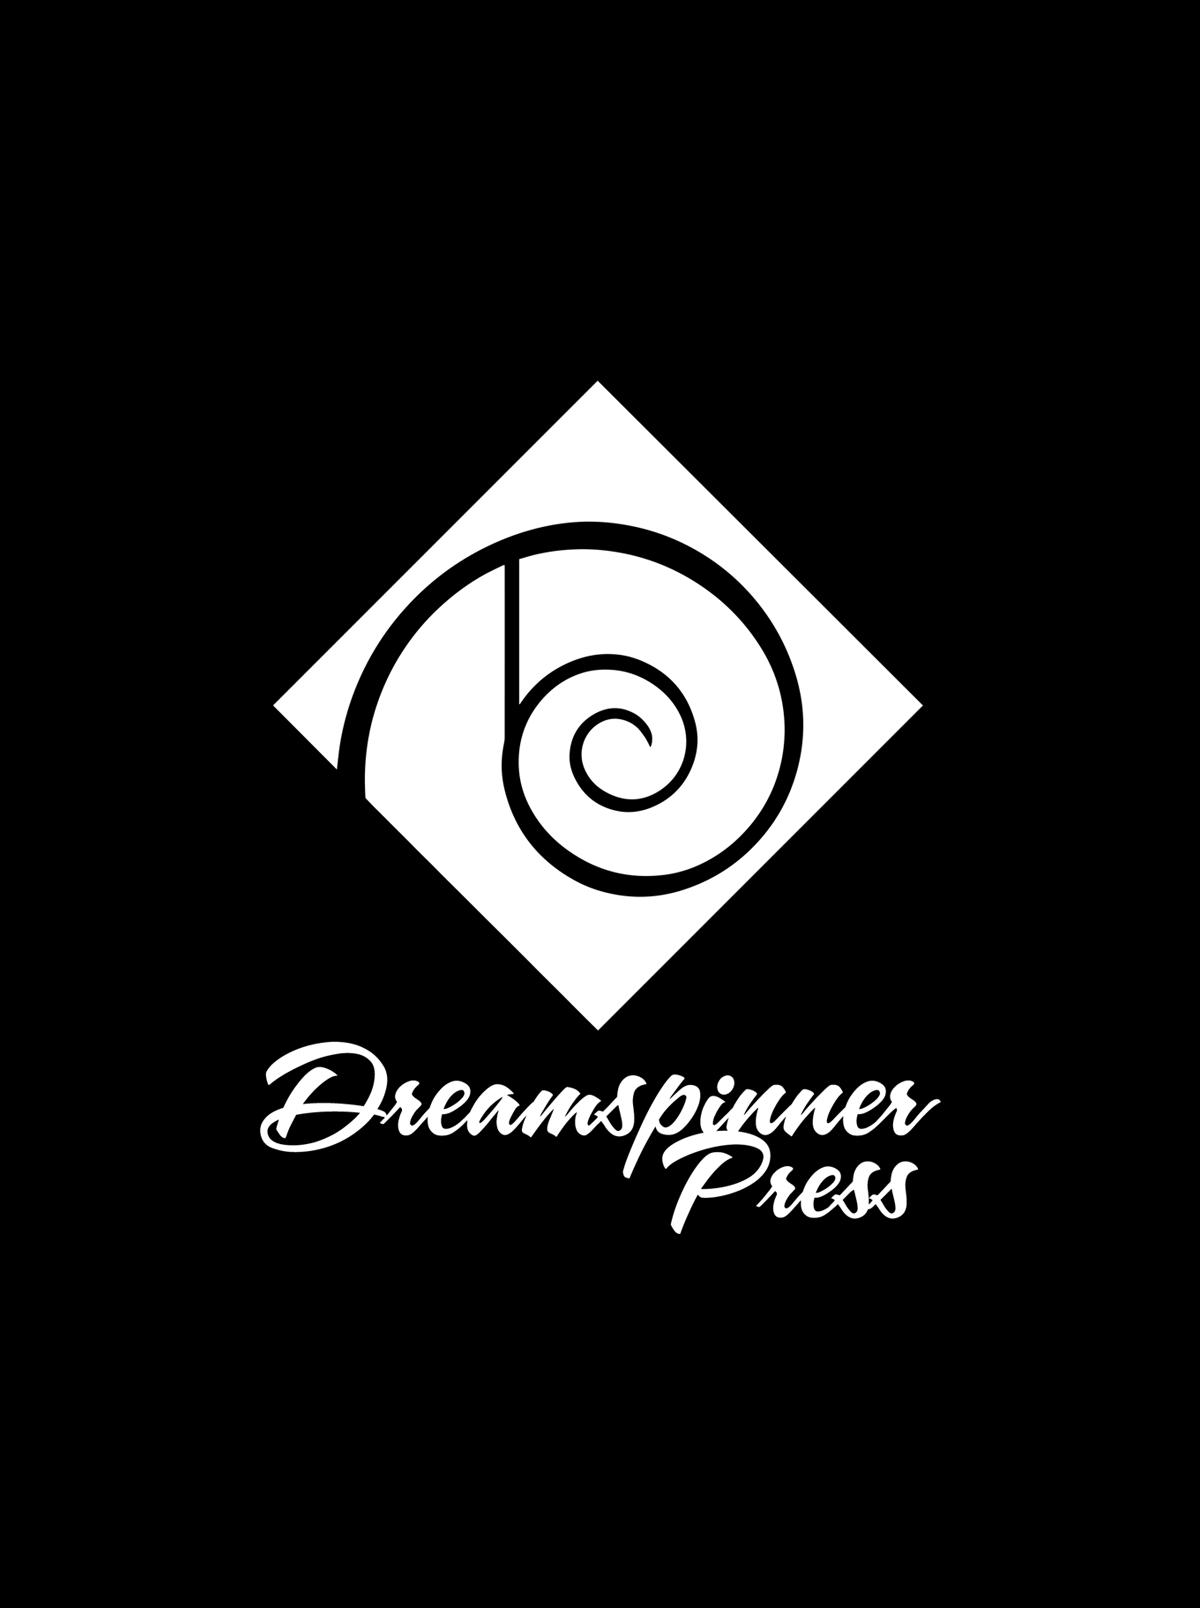 DreamspinnerPressLogo